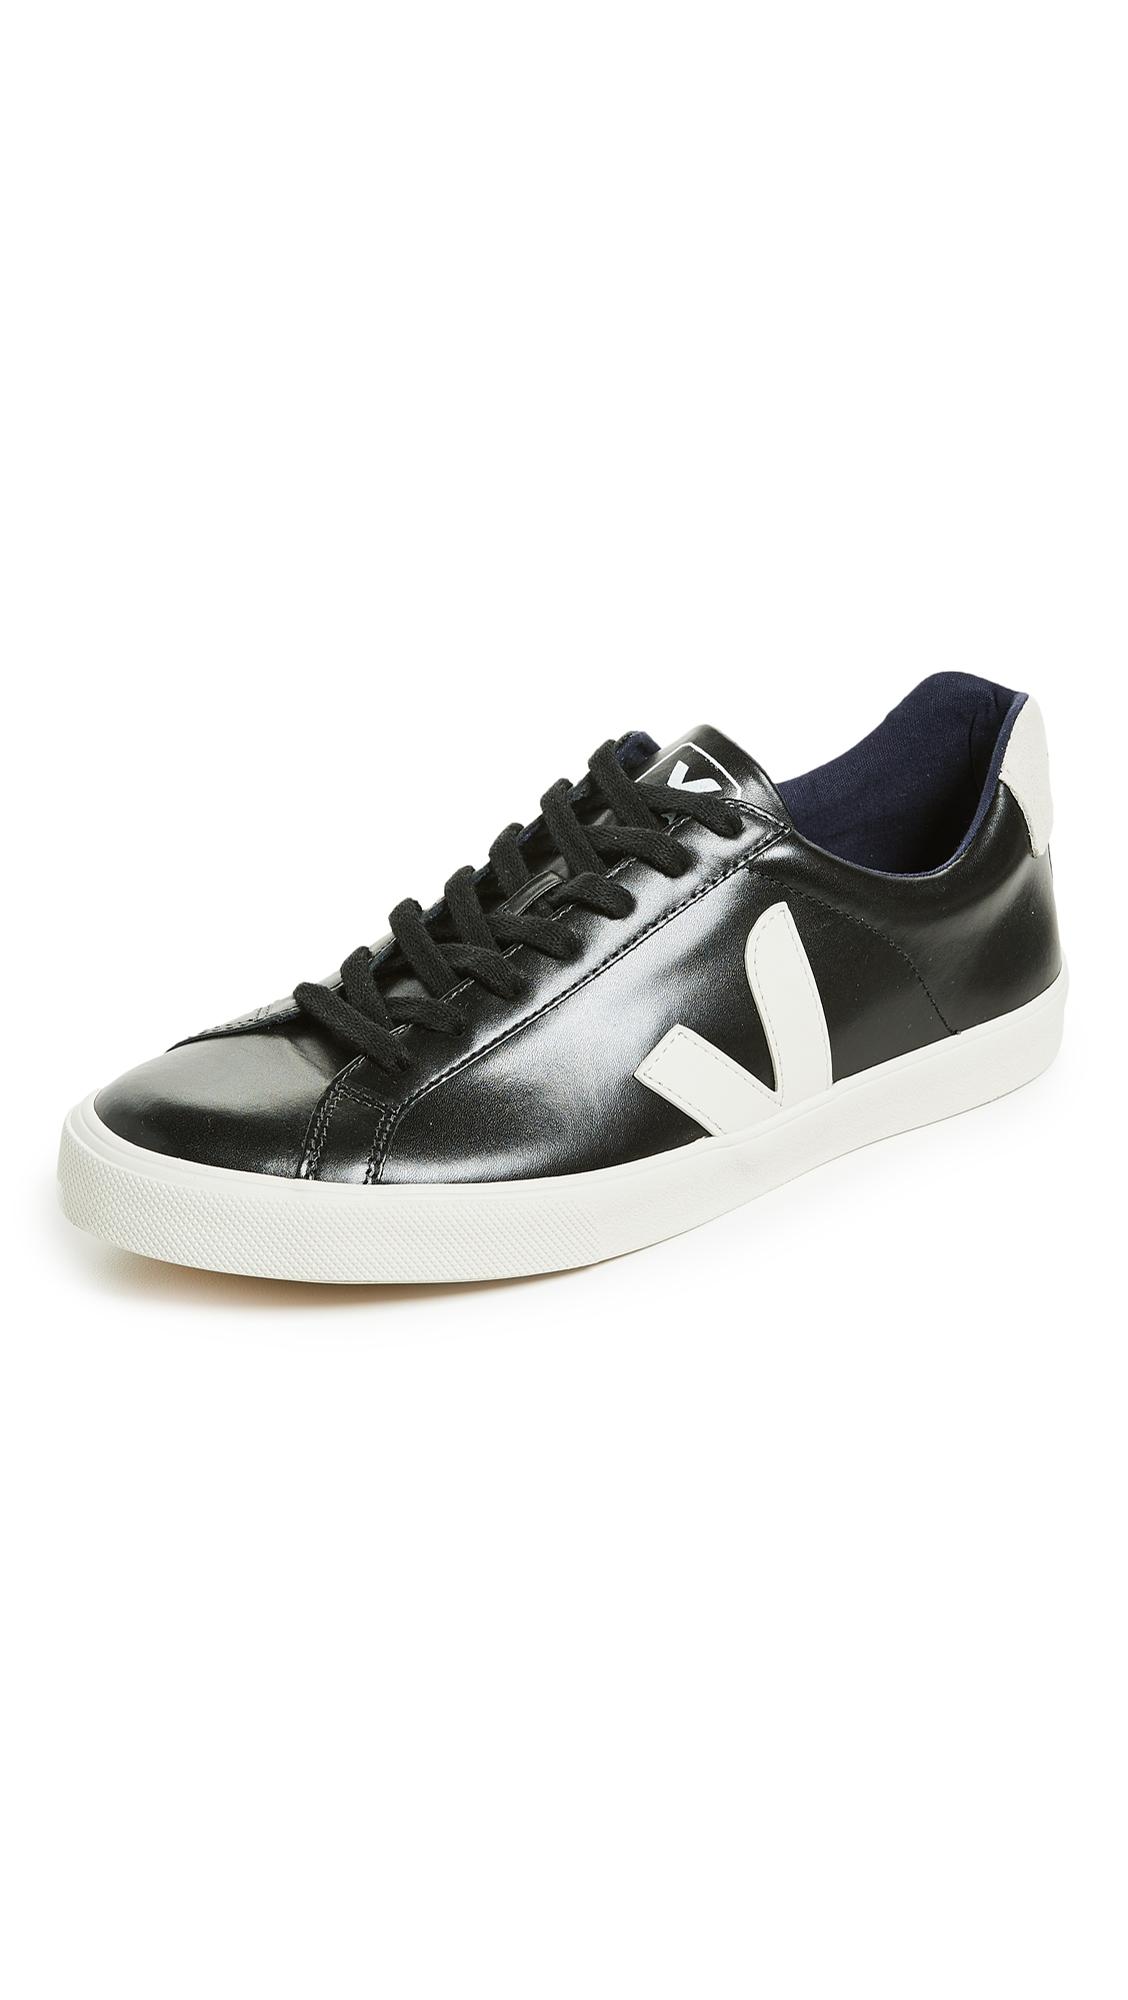 VEJA V-12 Bastille Rubber-Trimmed Leather Sneakers - Black